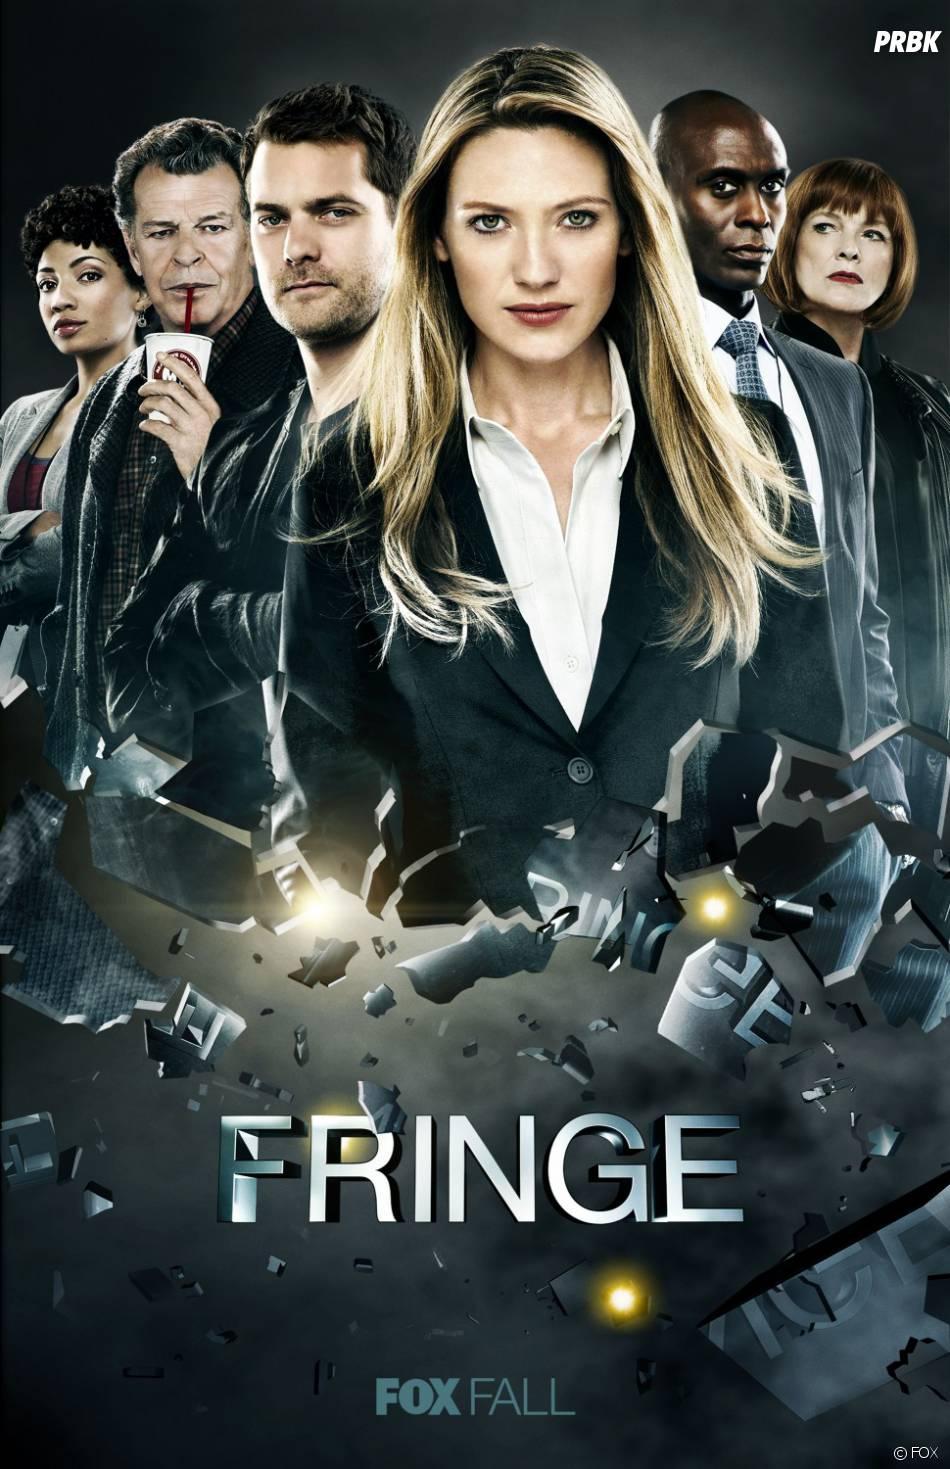 Fringe saison 5 sera diminuée à 13 épisodes